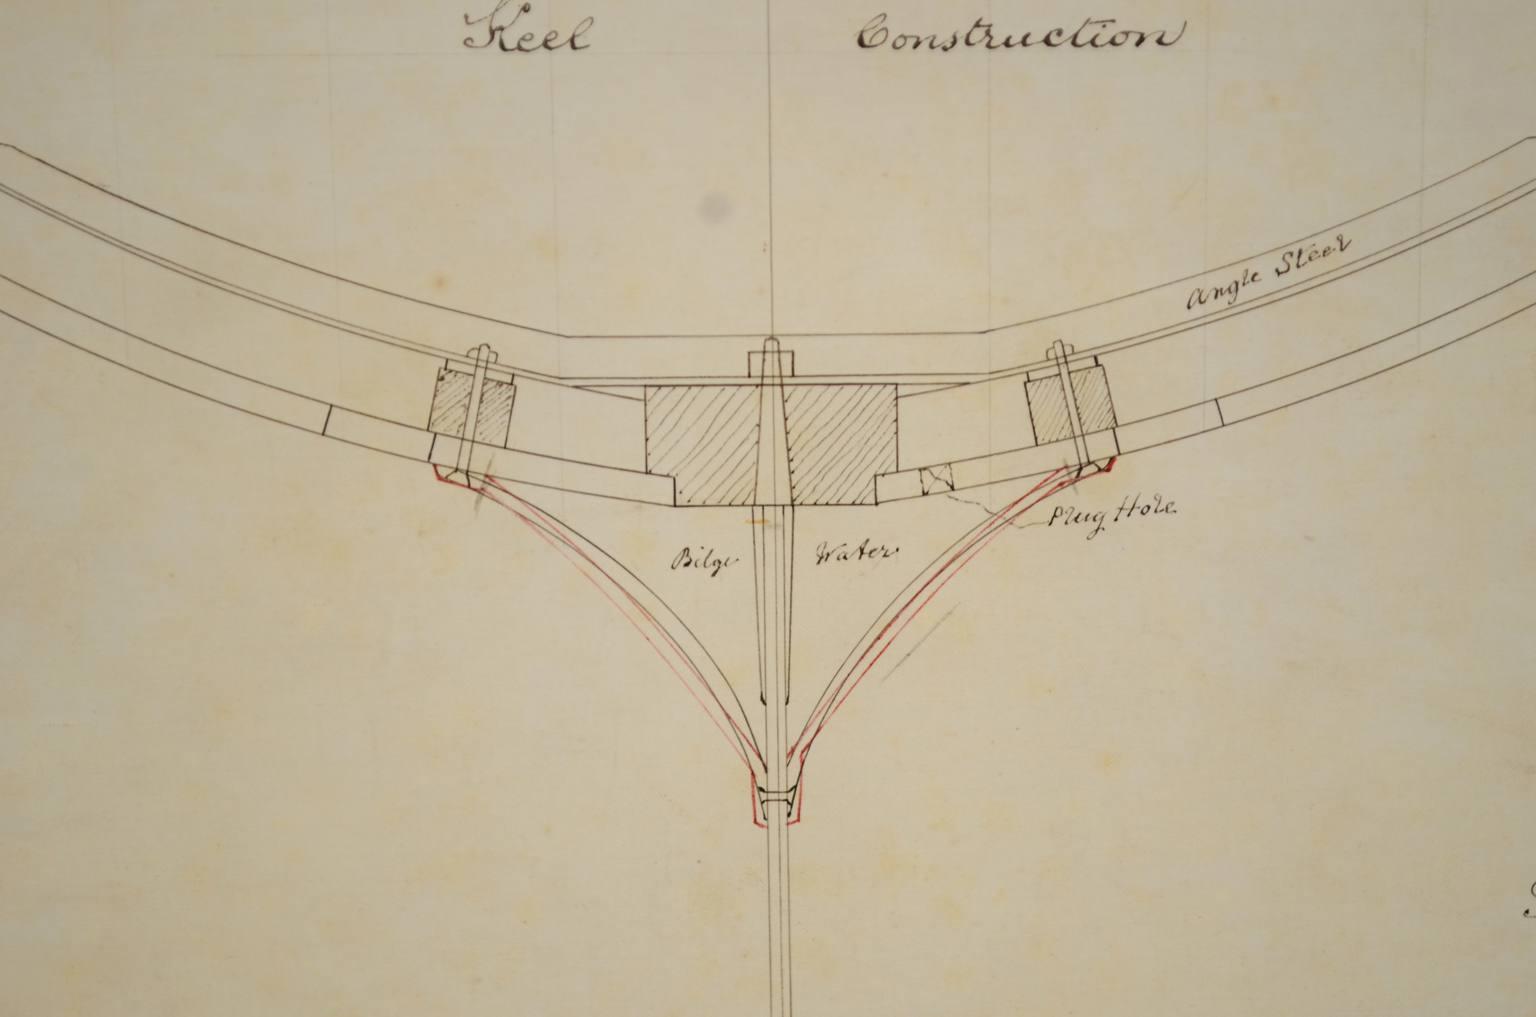 Progetti di barche d'epoca/PR08-C Sibbick linear rater